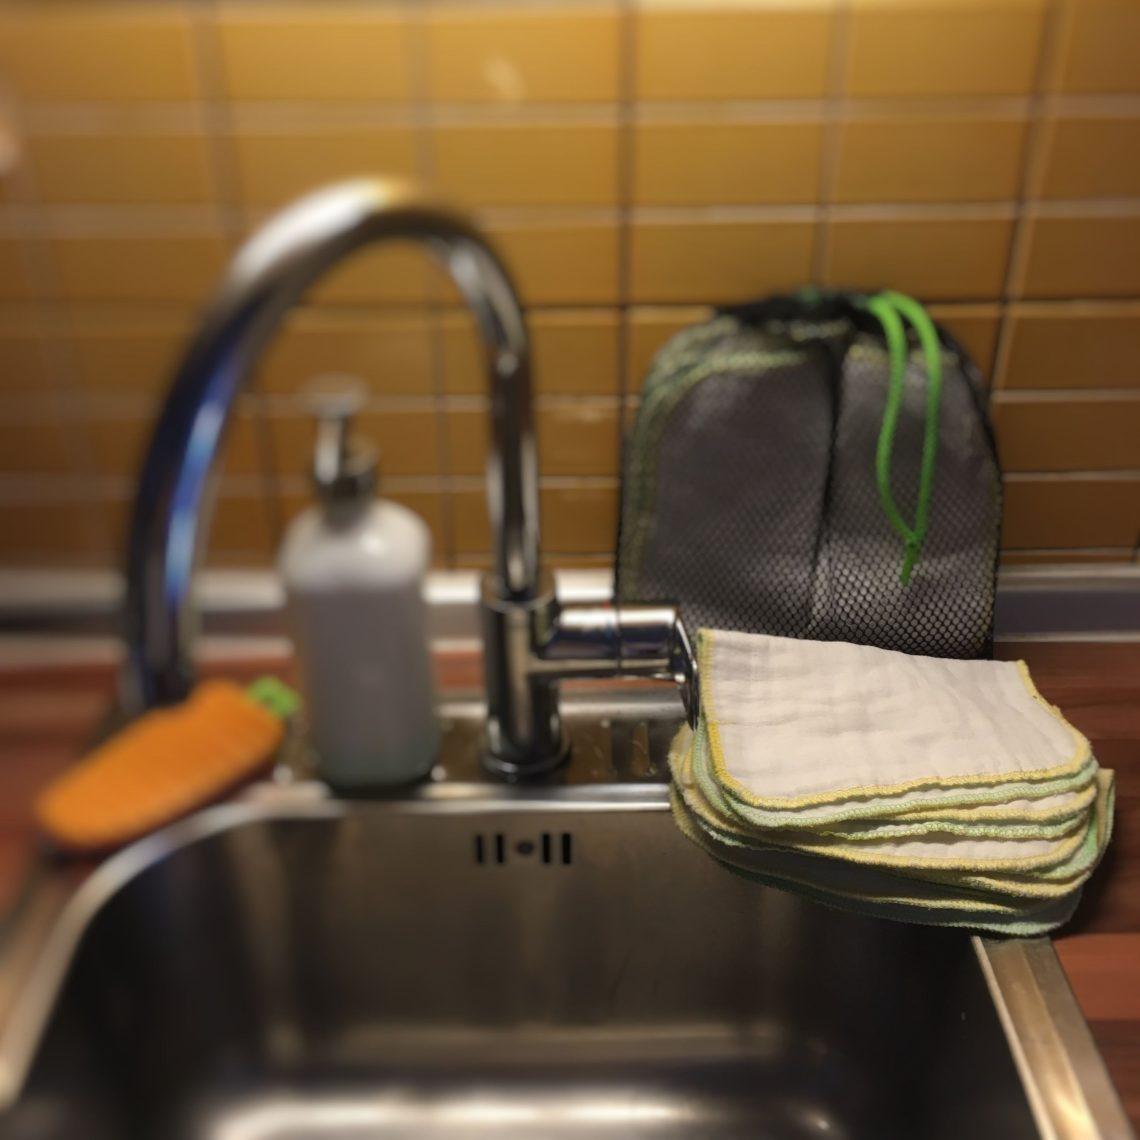 zero waste kuchutěrka